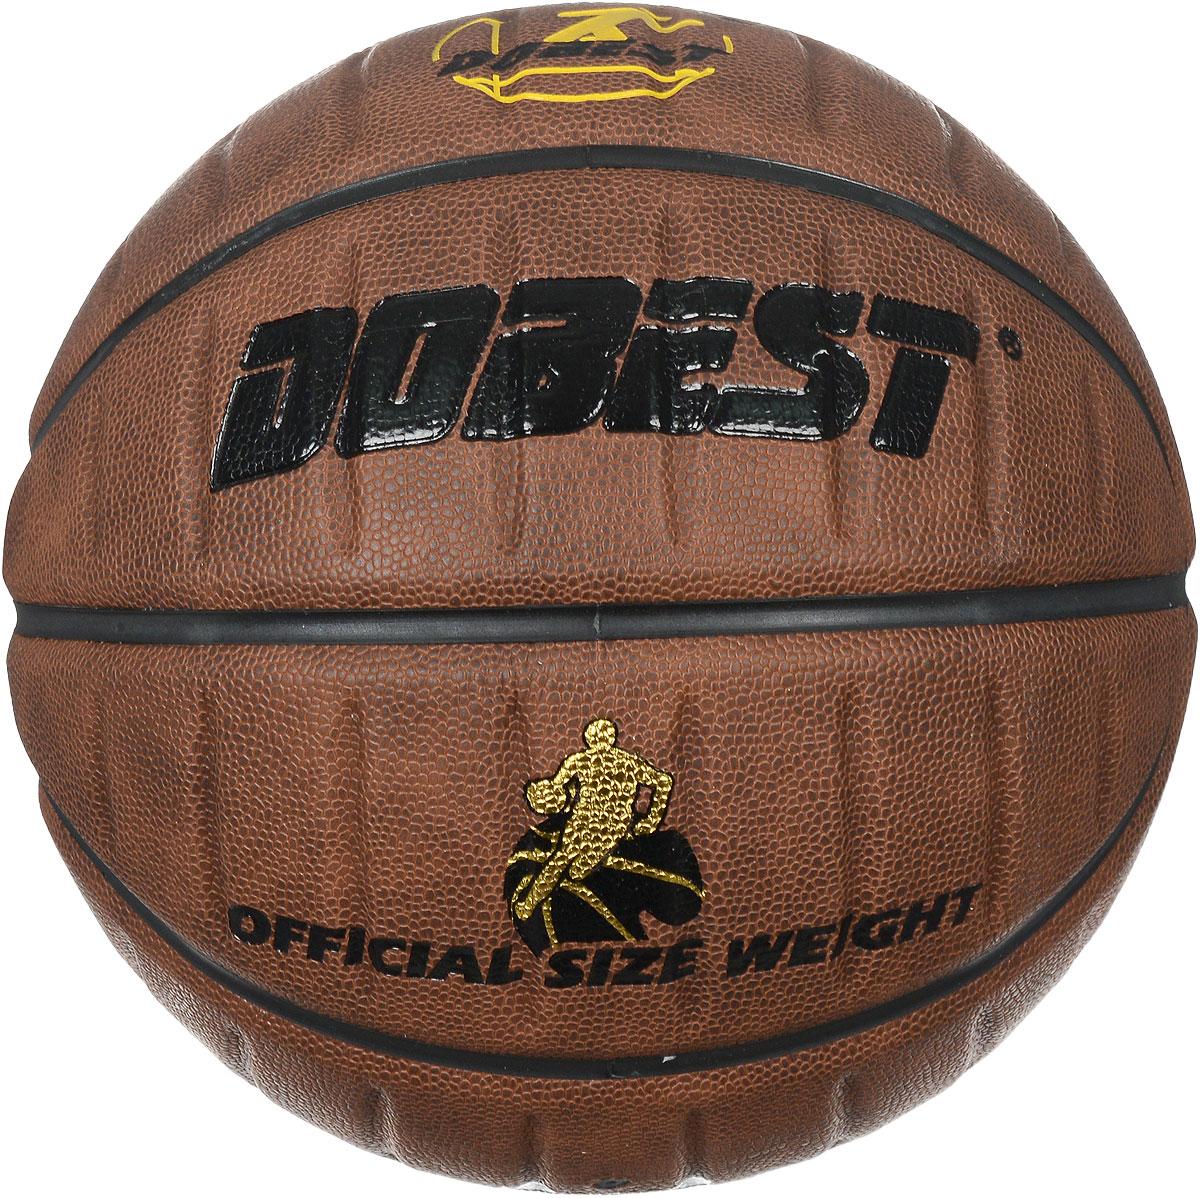 Мяч баскетбольный Dobest, цвет: коричневый. Размер 7120330_black/whiteБаскетбольный мяч Dobest изготовлен с применением новейших технологий и с учетом всех особенностей человеческой кисти, что позволяет добиваться невероятных результатов во время матча. Покрытие из высококачественной синтетической кожи впитывает влагу с ладоней, что способствует максимальному контролю над мячом. Глубокие каналы позволяют более четко ощущать пальцами поверхность мяча.Количество панелей: 8.Количество слоев: 4.Вес: 600-620 г.УВАЖЕМЫЕ КЛИЕНТЫ!Обращаем ваше внимание на тот факт, что мяч поставляется в сдутом виде. Насос не входит в комплект.